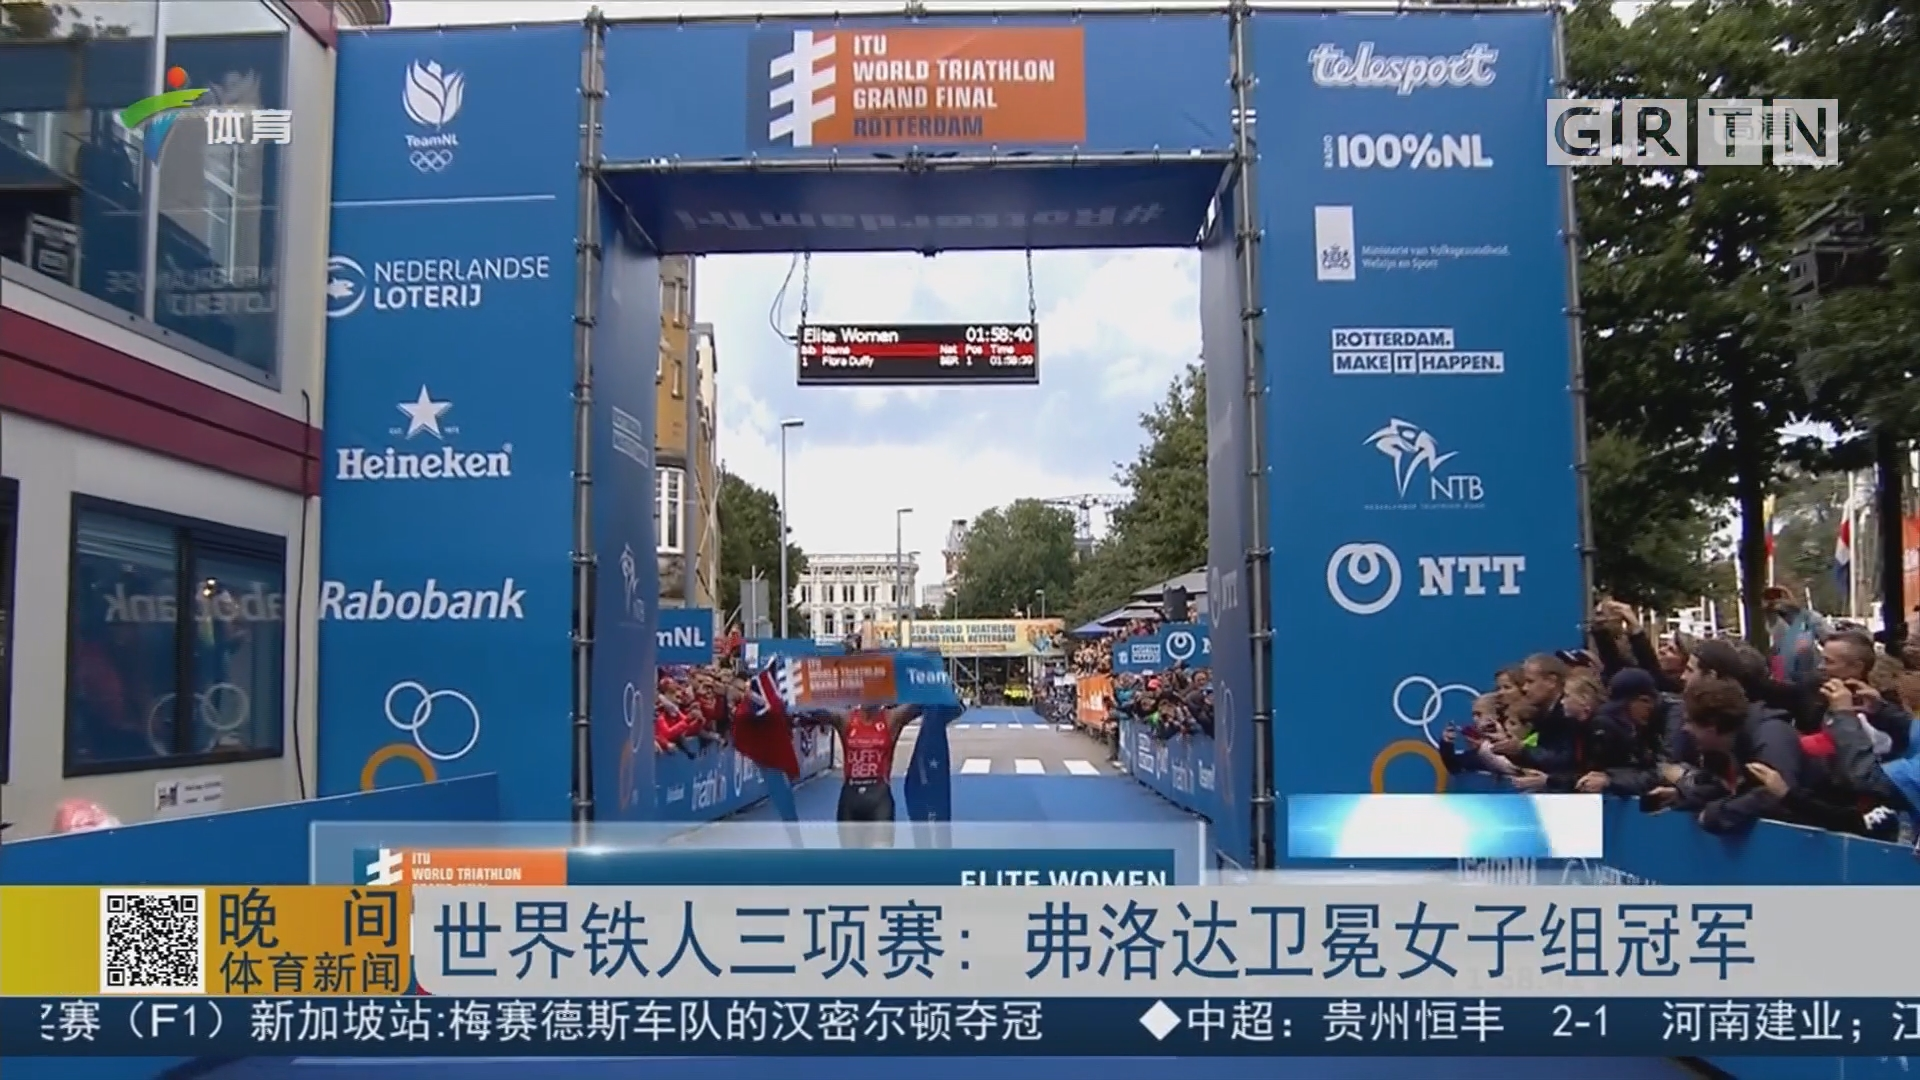 世界铁人三项赛:弗洛达卫冕女子组冠军